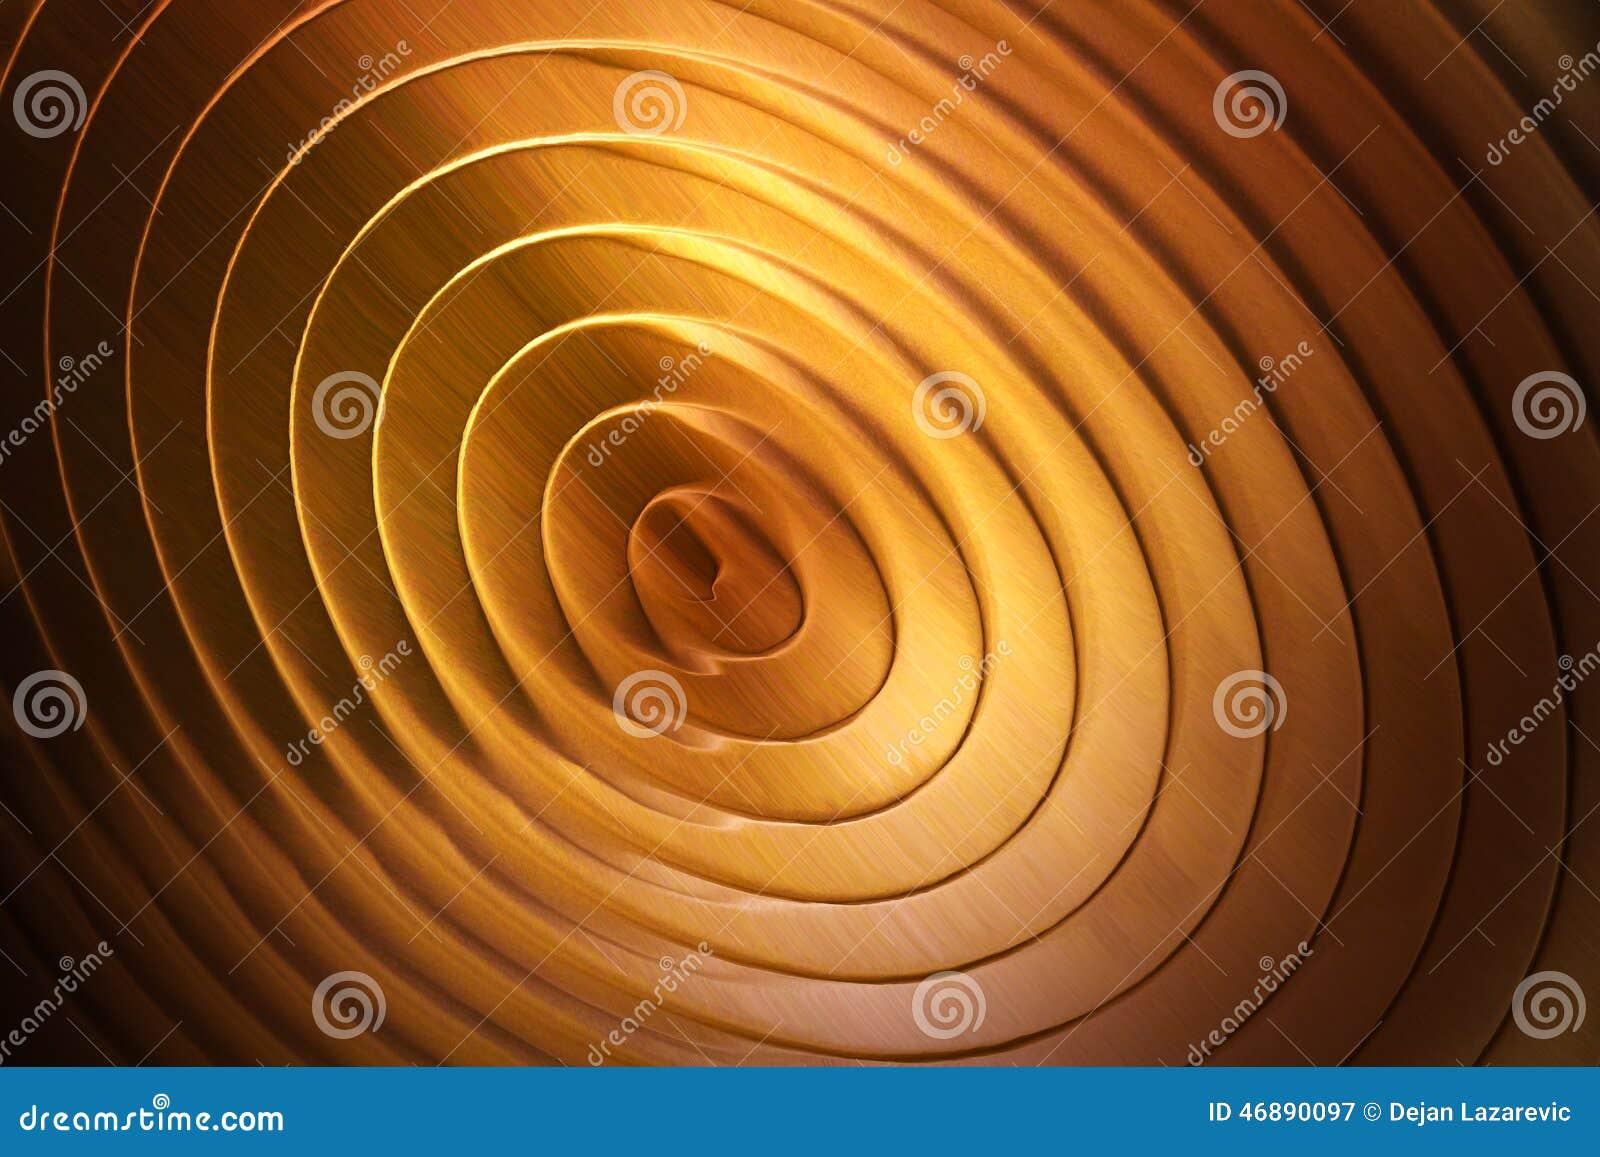 Circular pattern stock photo image